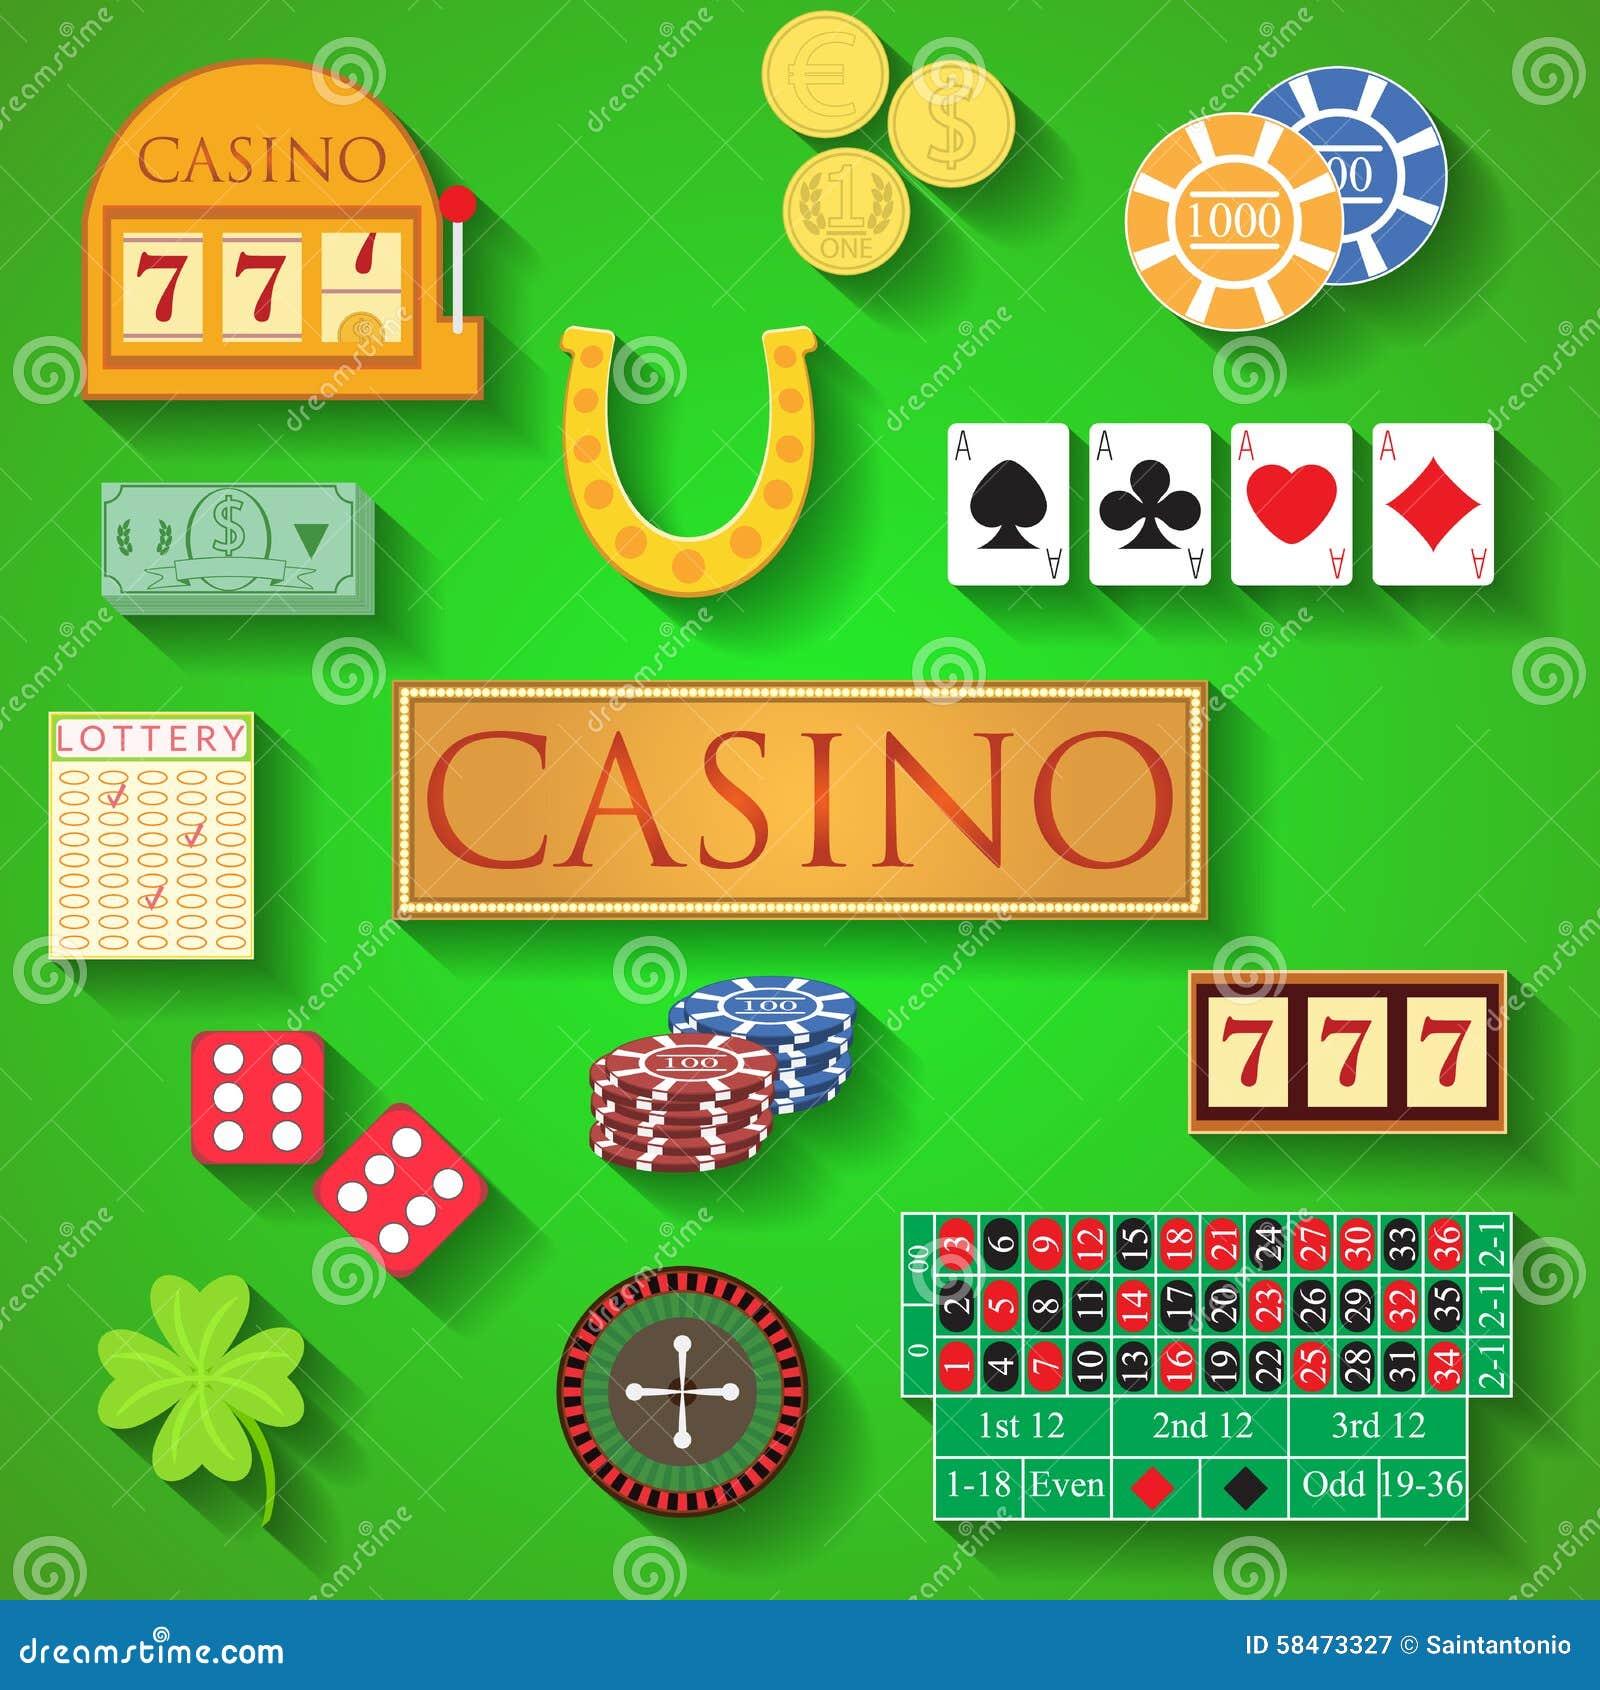 Casino Coin Design Cartoon Vector   CartoonDealer.com #77595115